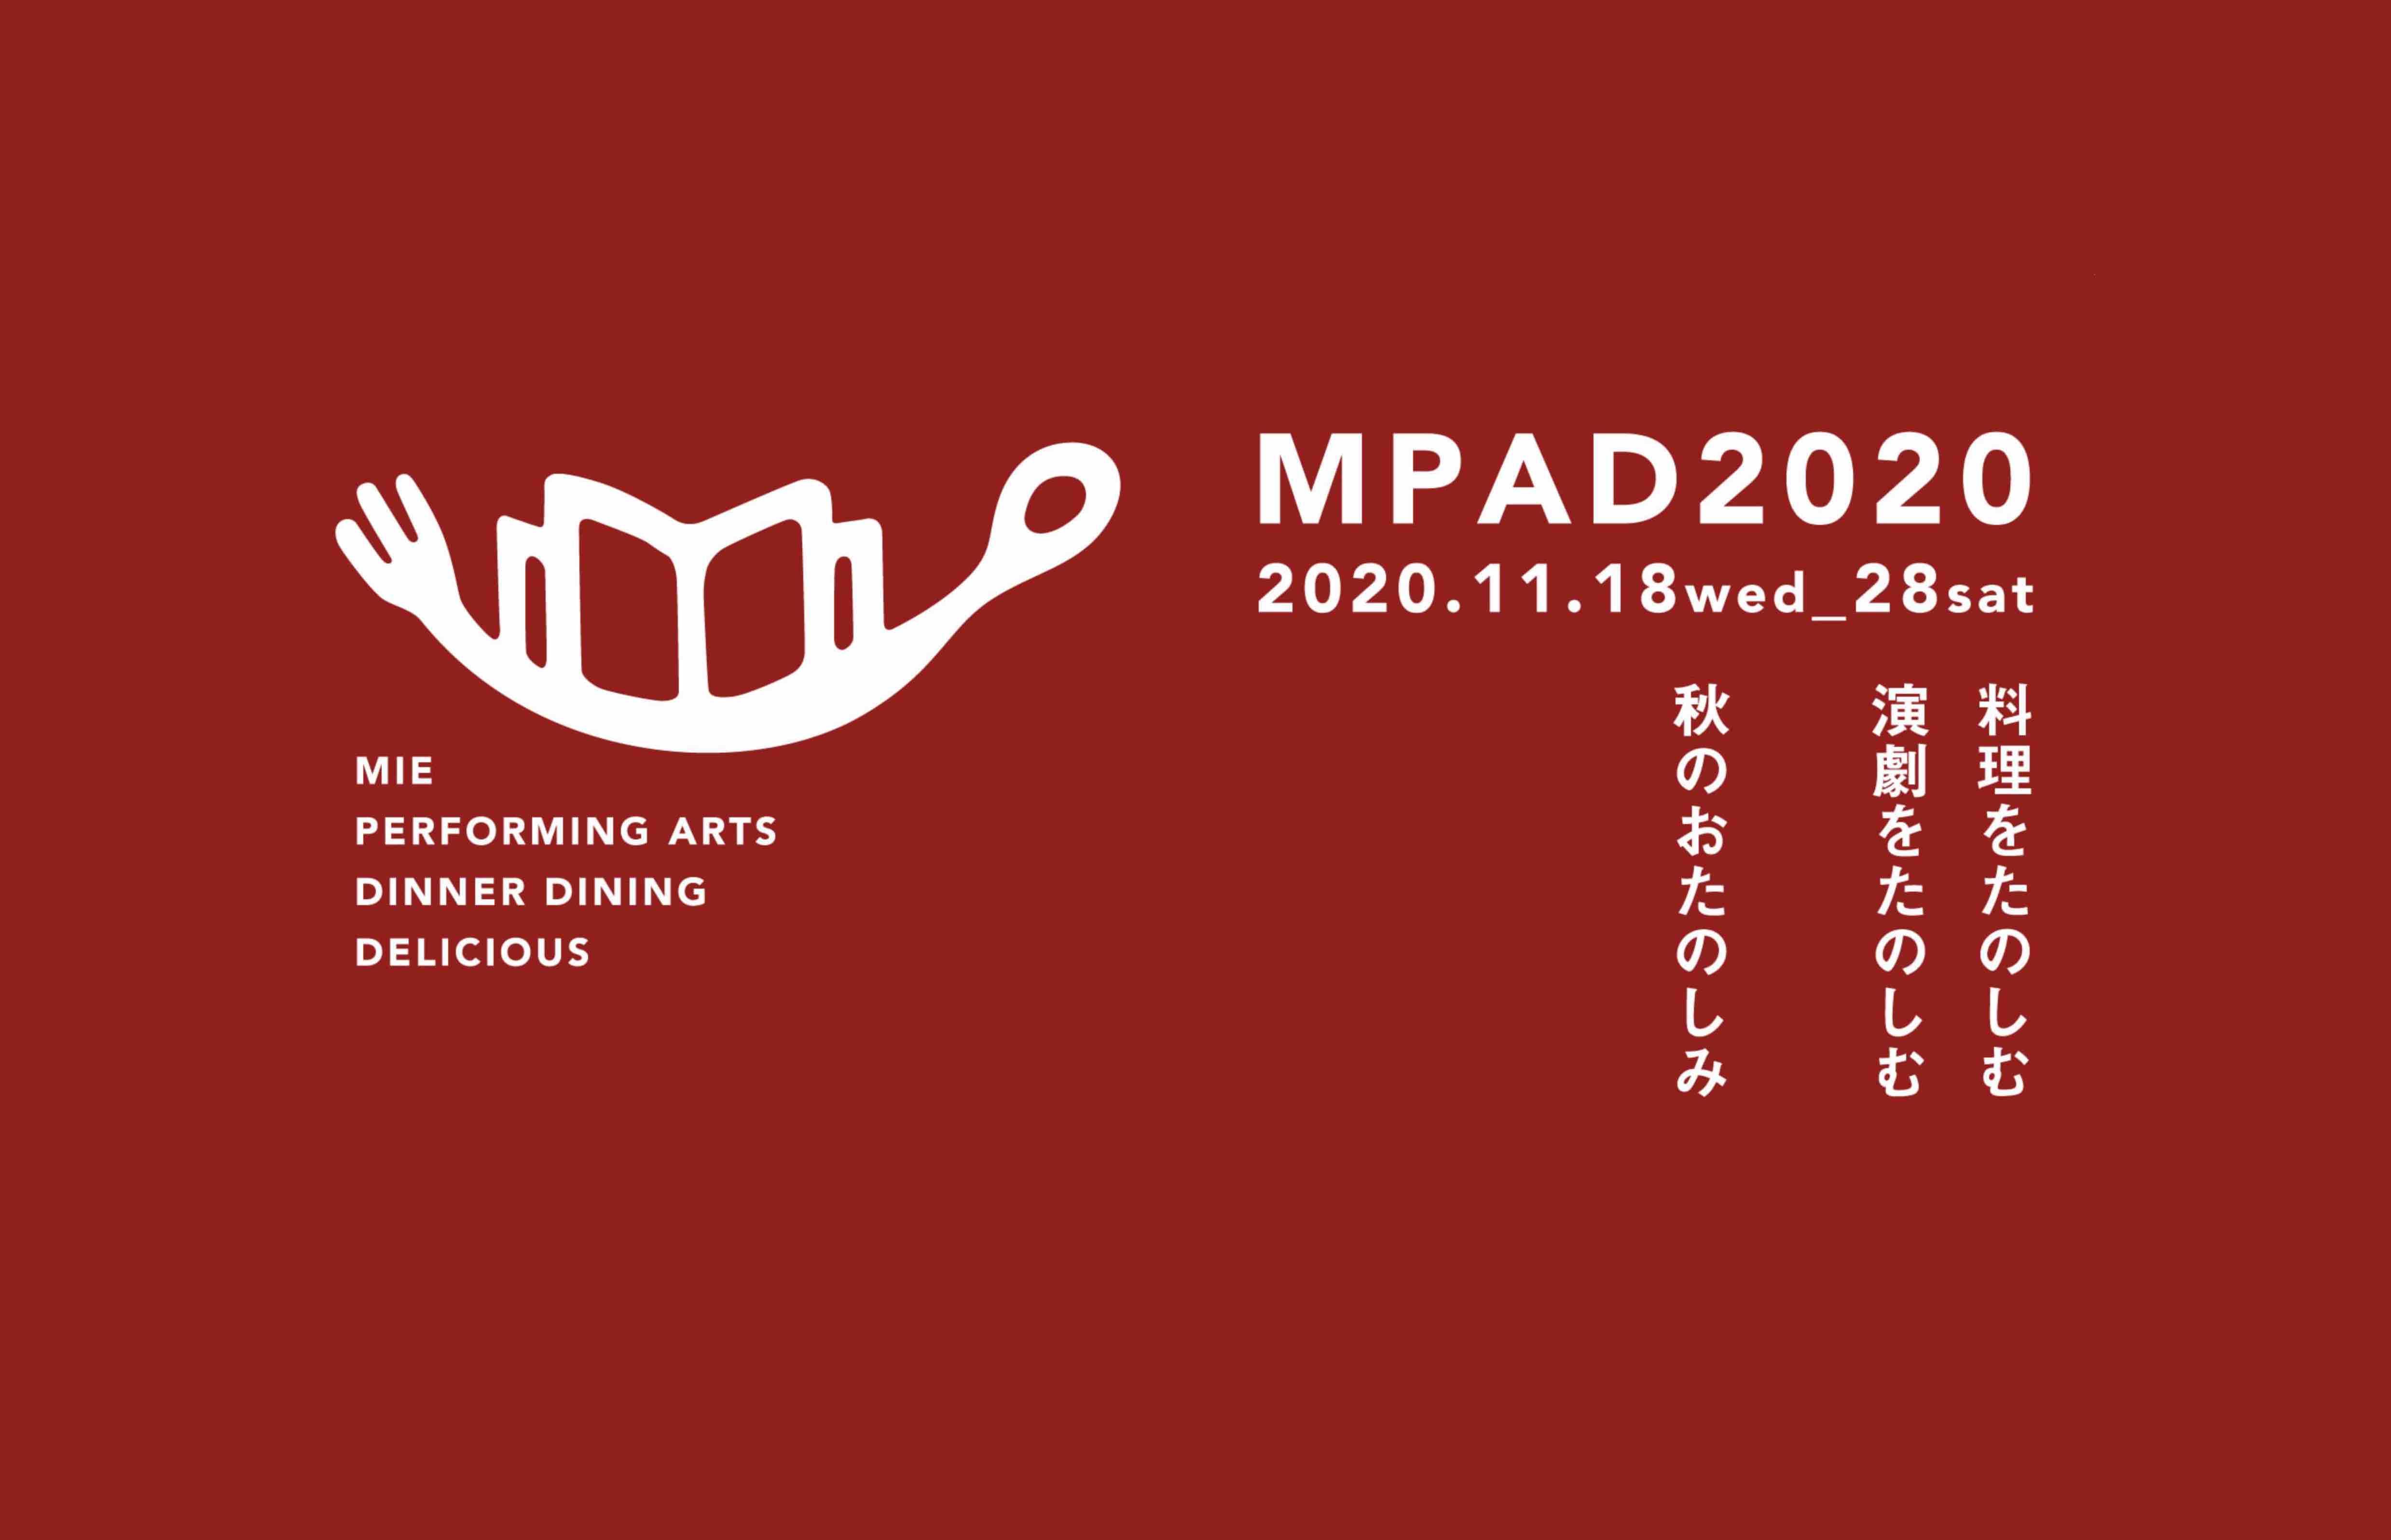 M-PAD 2020についてのご案内